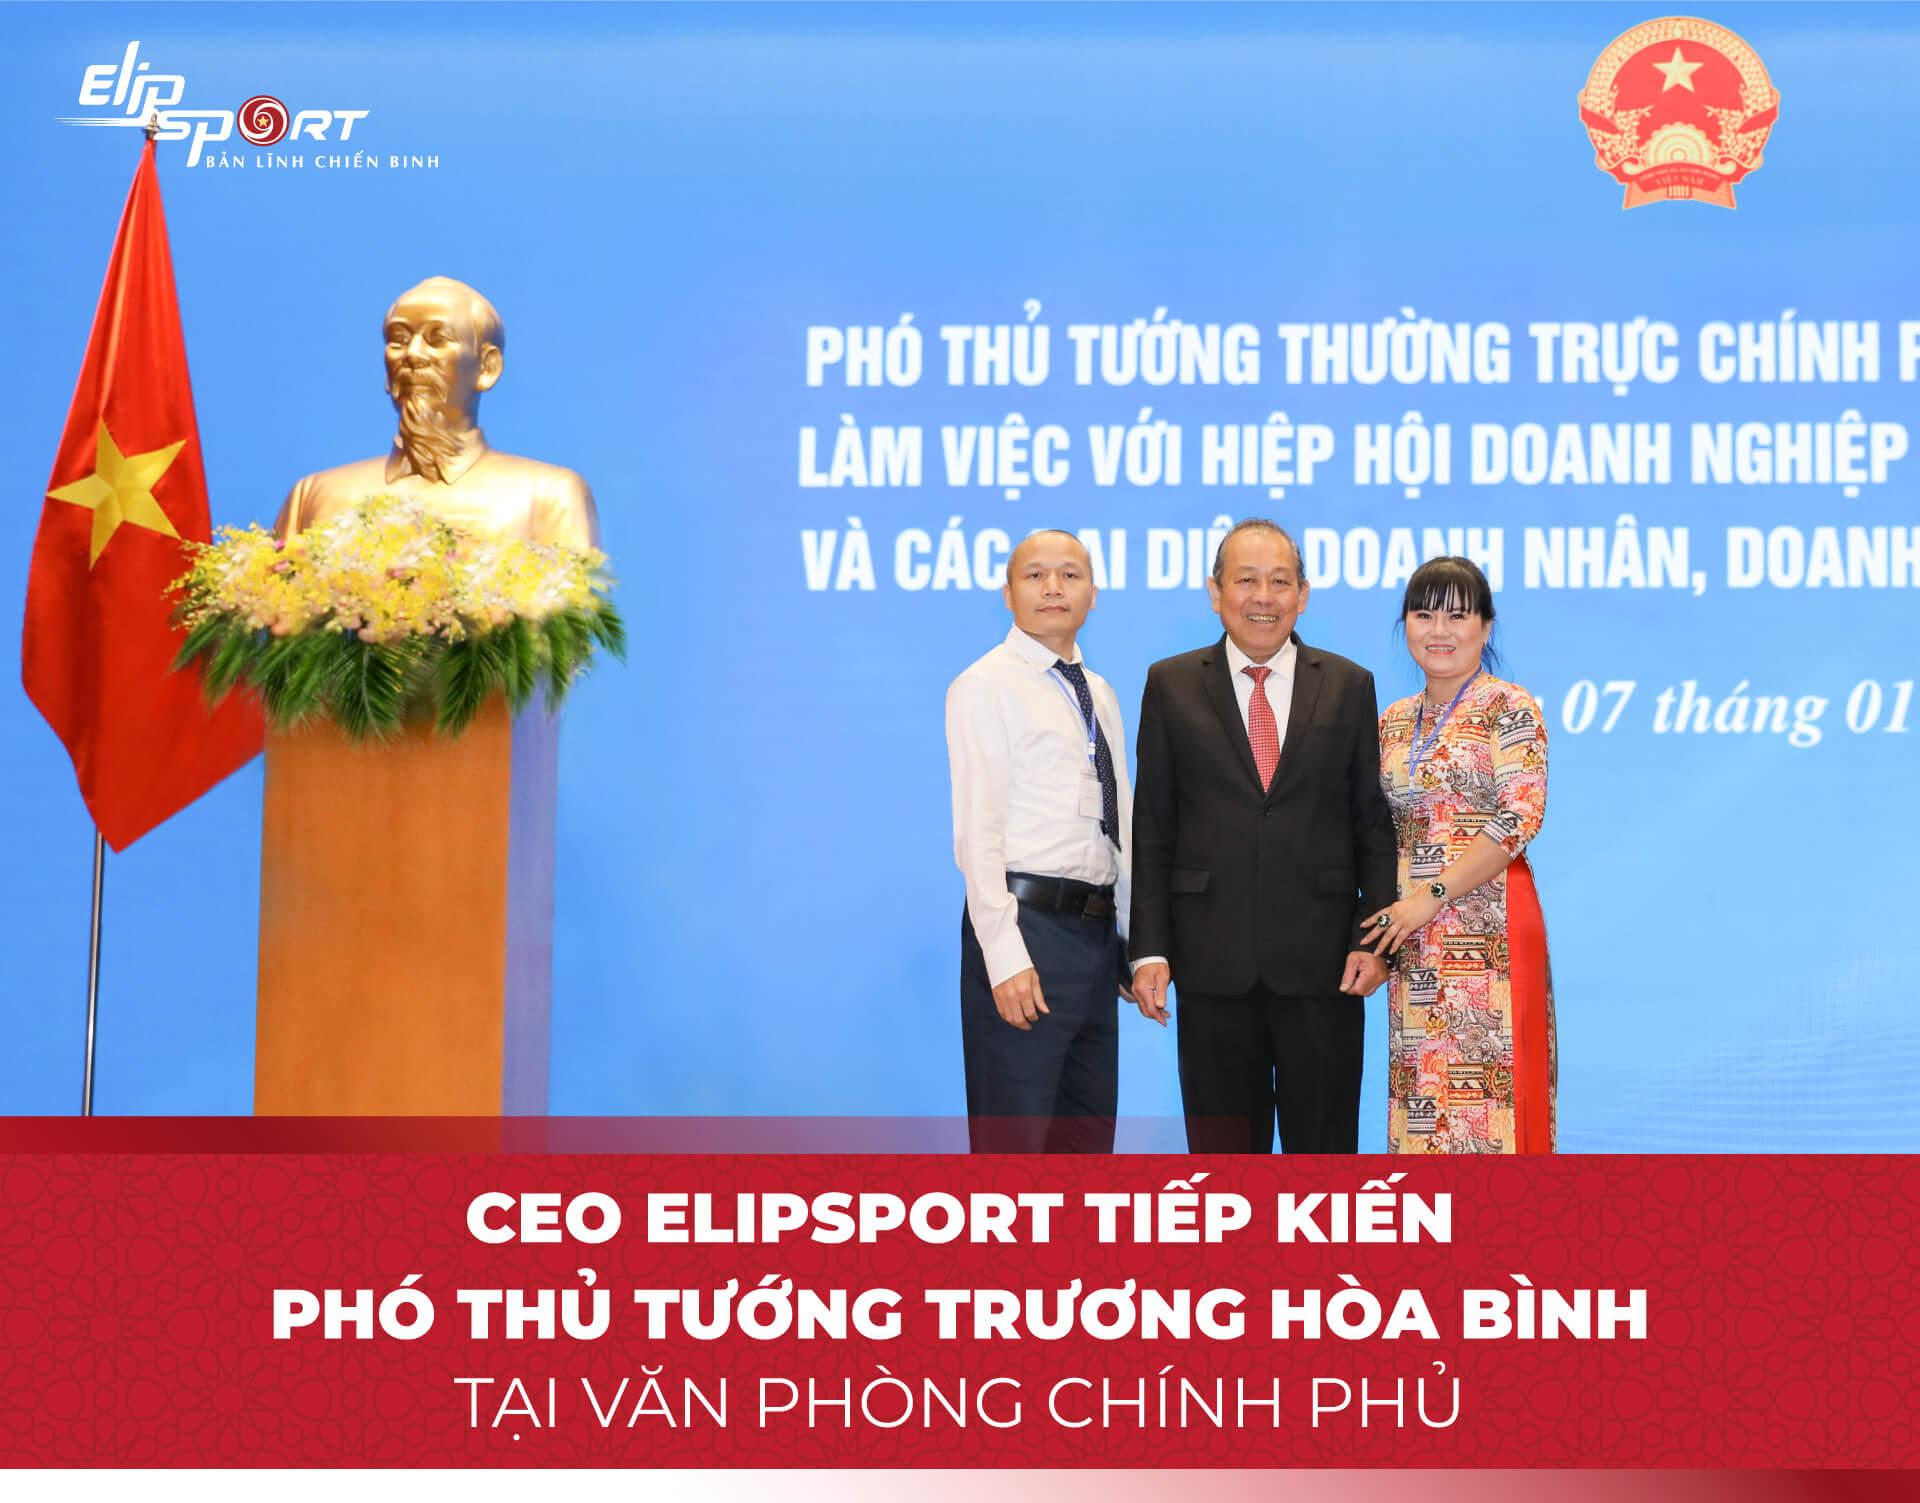 CEO Elipsport tiếp kiến phó thủ tướng